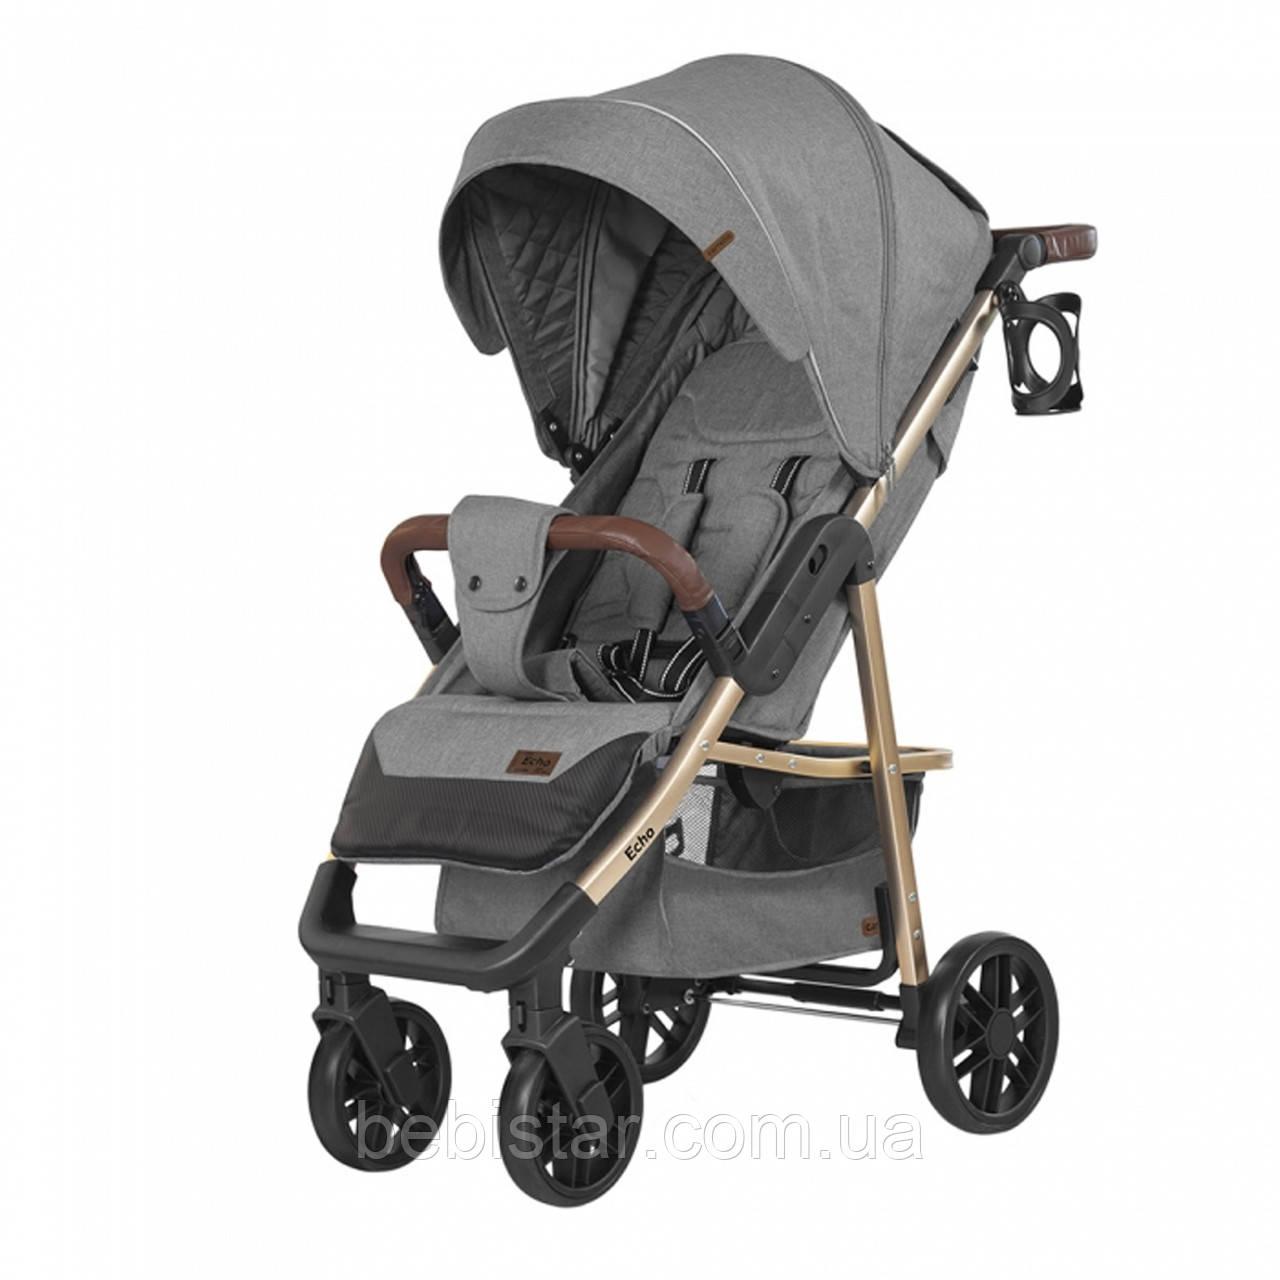 Детская прогулочная коляска серая CARRELLO Echo CRL-8508/1 Rhino Gray c дождевиком